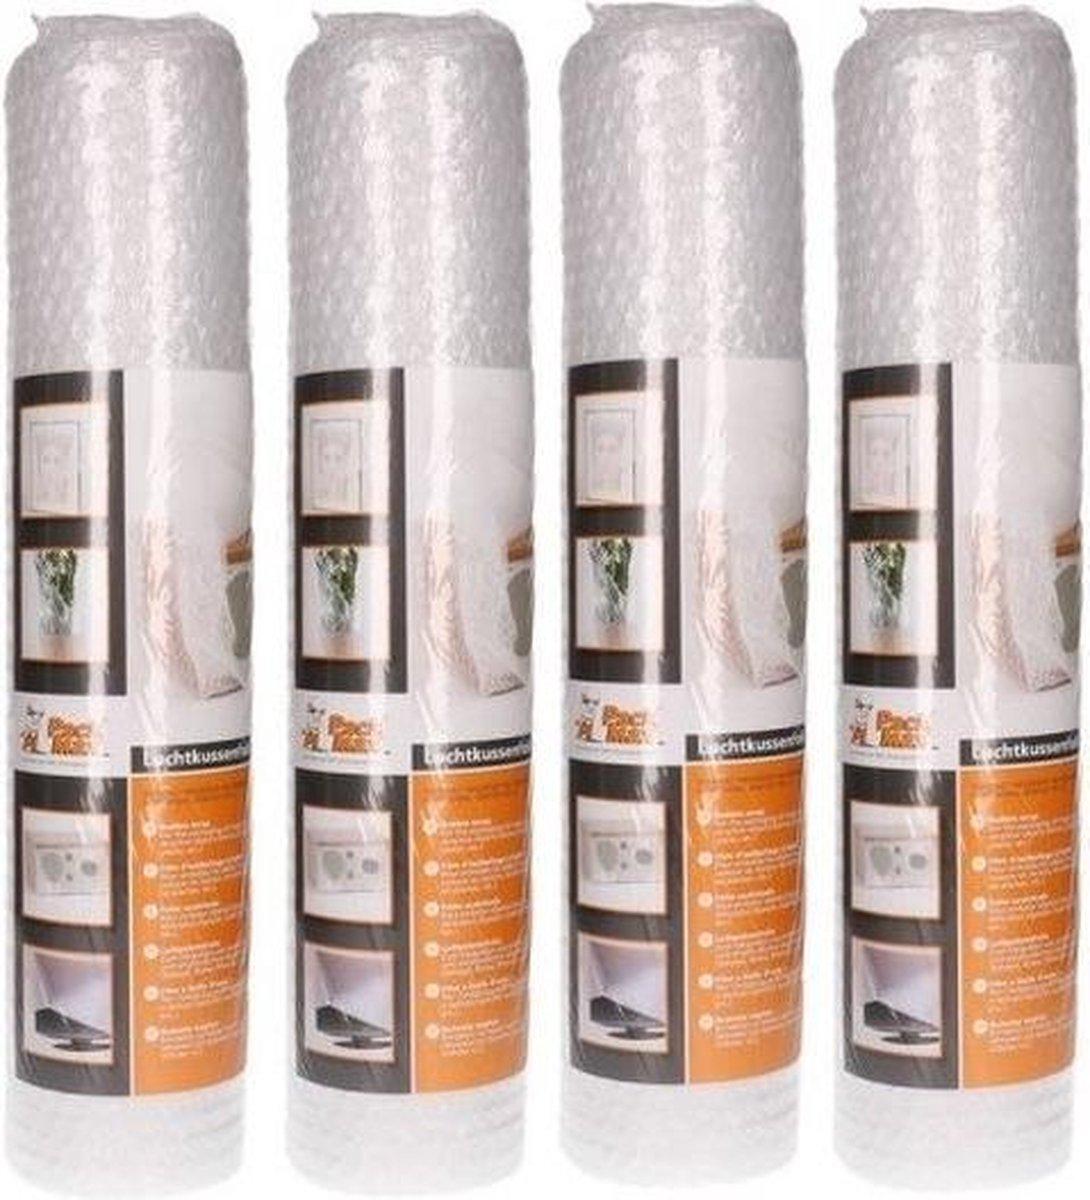 4x Noppenfolie/bubbeltjesfolie op rol 5 meter x 50 cm - Bubbelfolie/bubbeltjesplastic